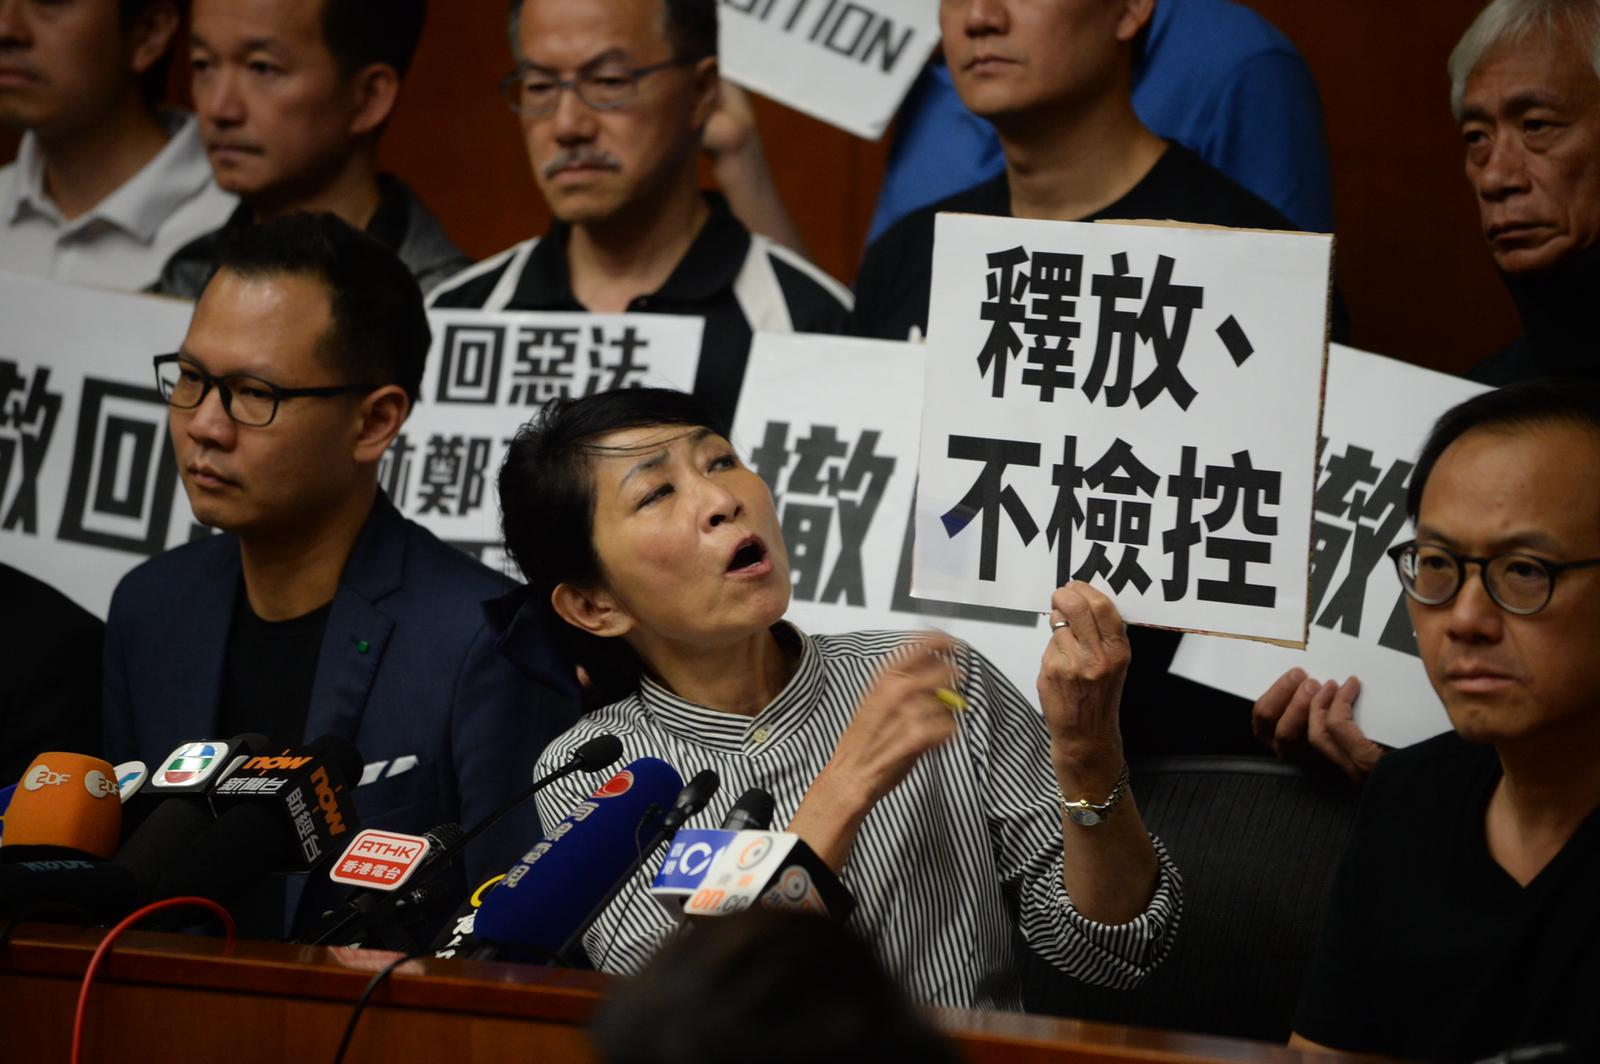 毛孟静强调「林郑不撤回,香港人不撤退」。